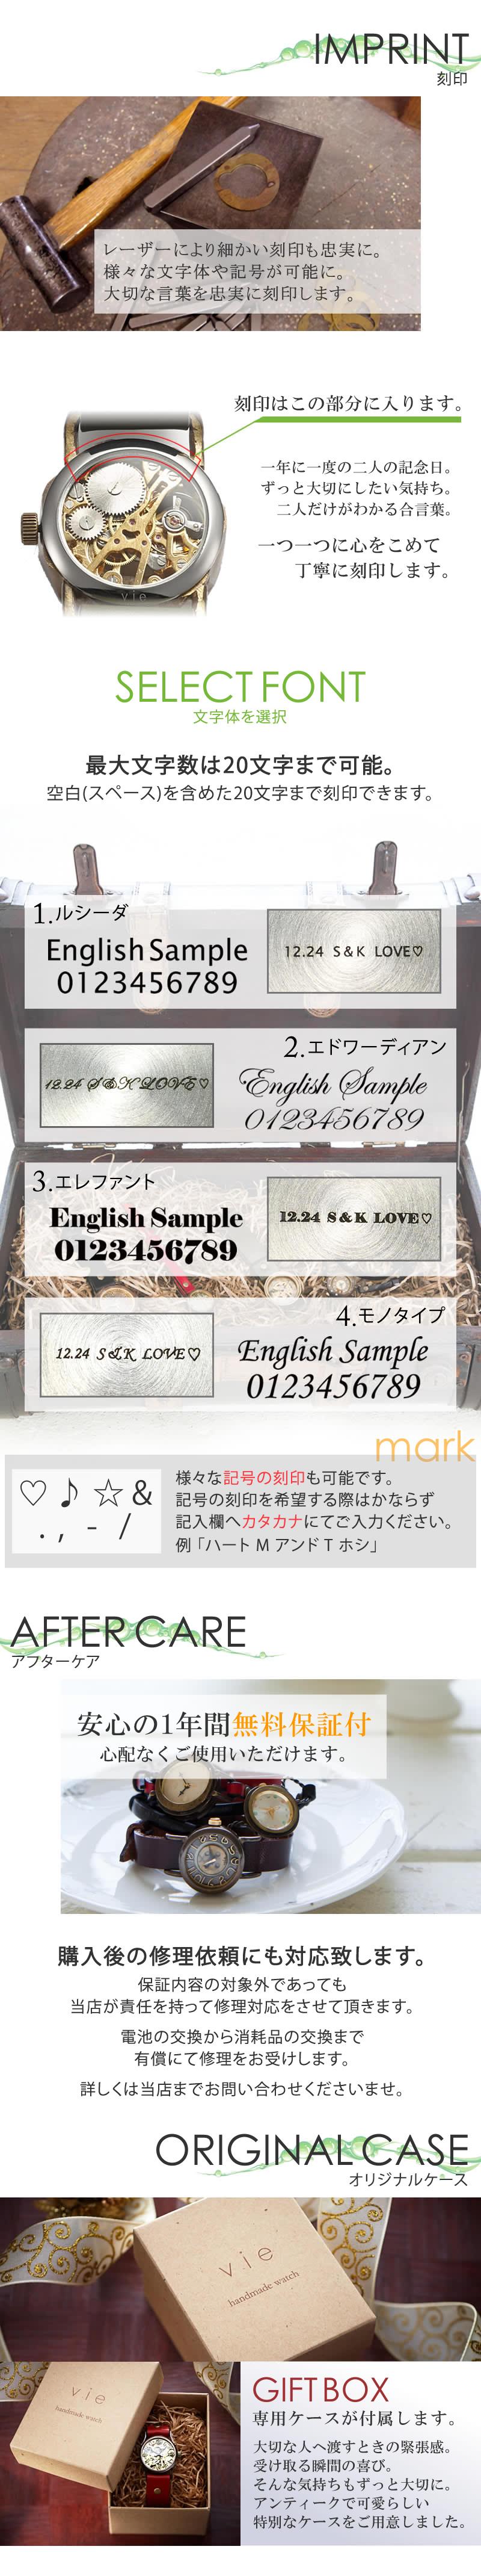 文字体選択 1年間無料保証 オリジナルケース